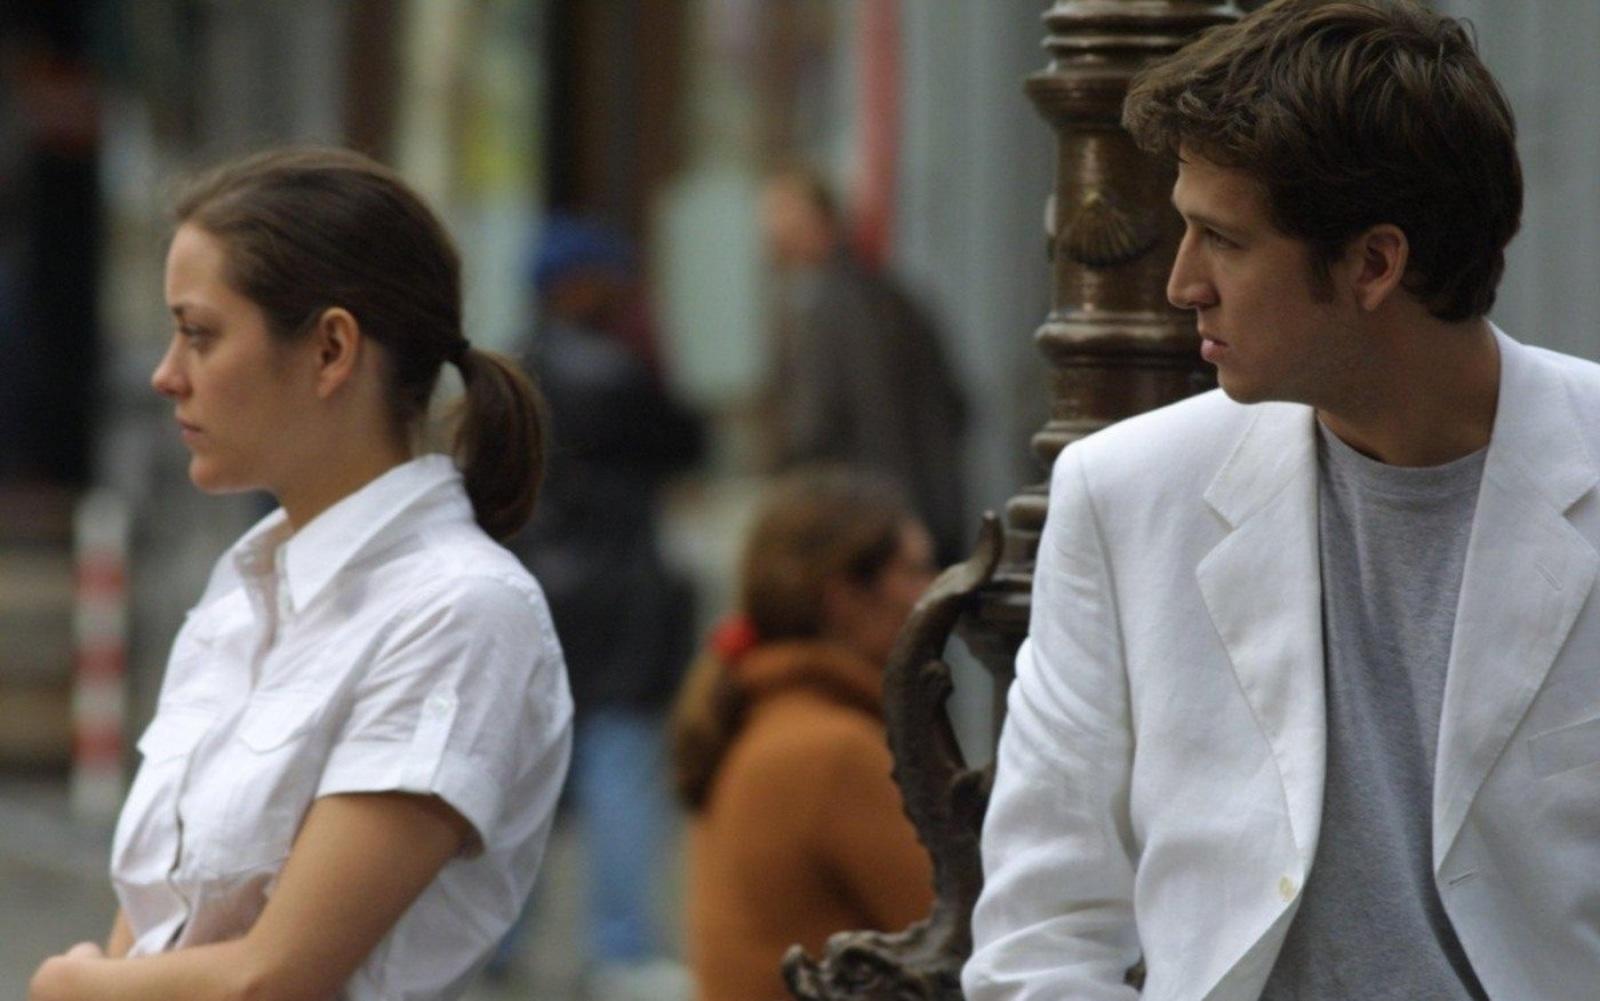 Психолог рассказал, как обидчивость влияет на здоровье